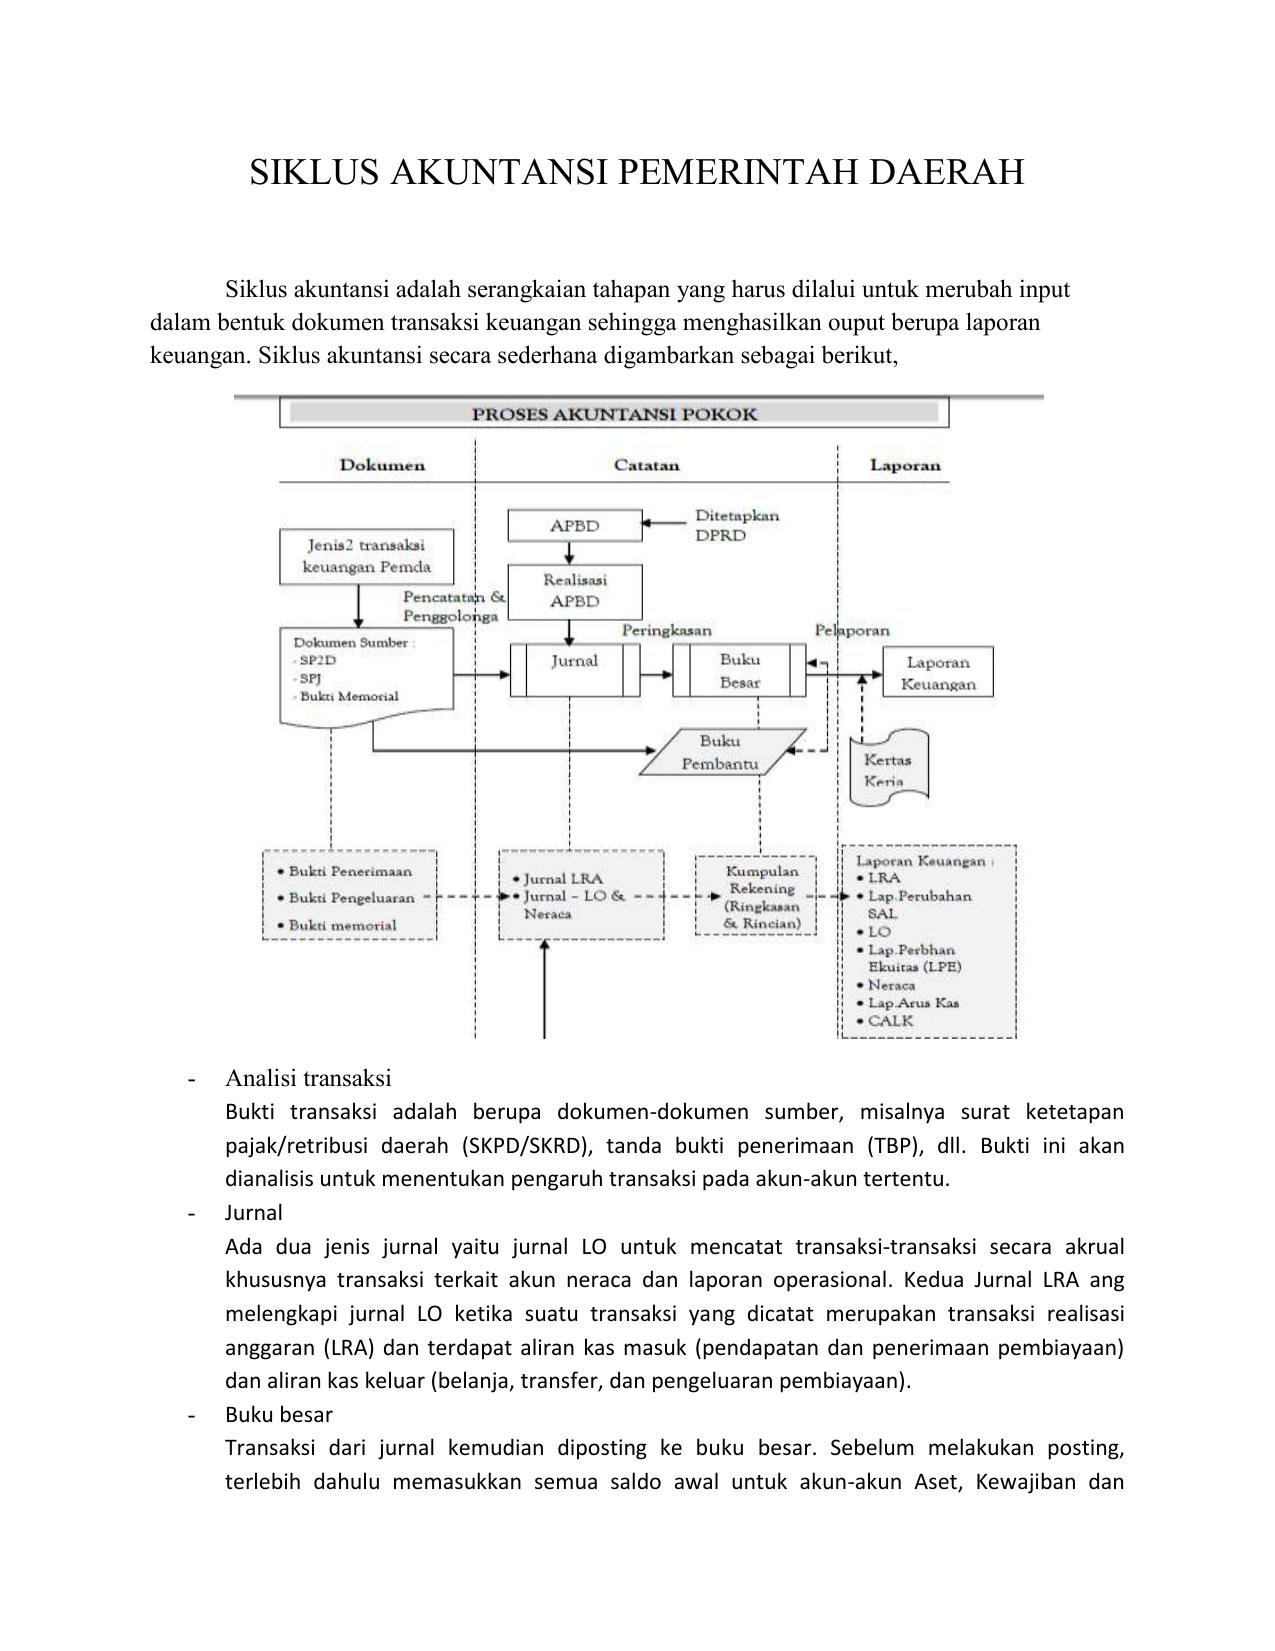 Siklus Akuntansi Pemerintah Daerah Siklus Akuntansi